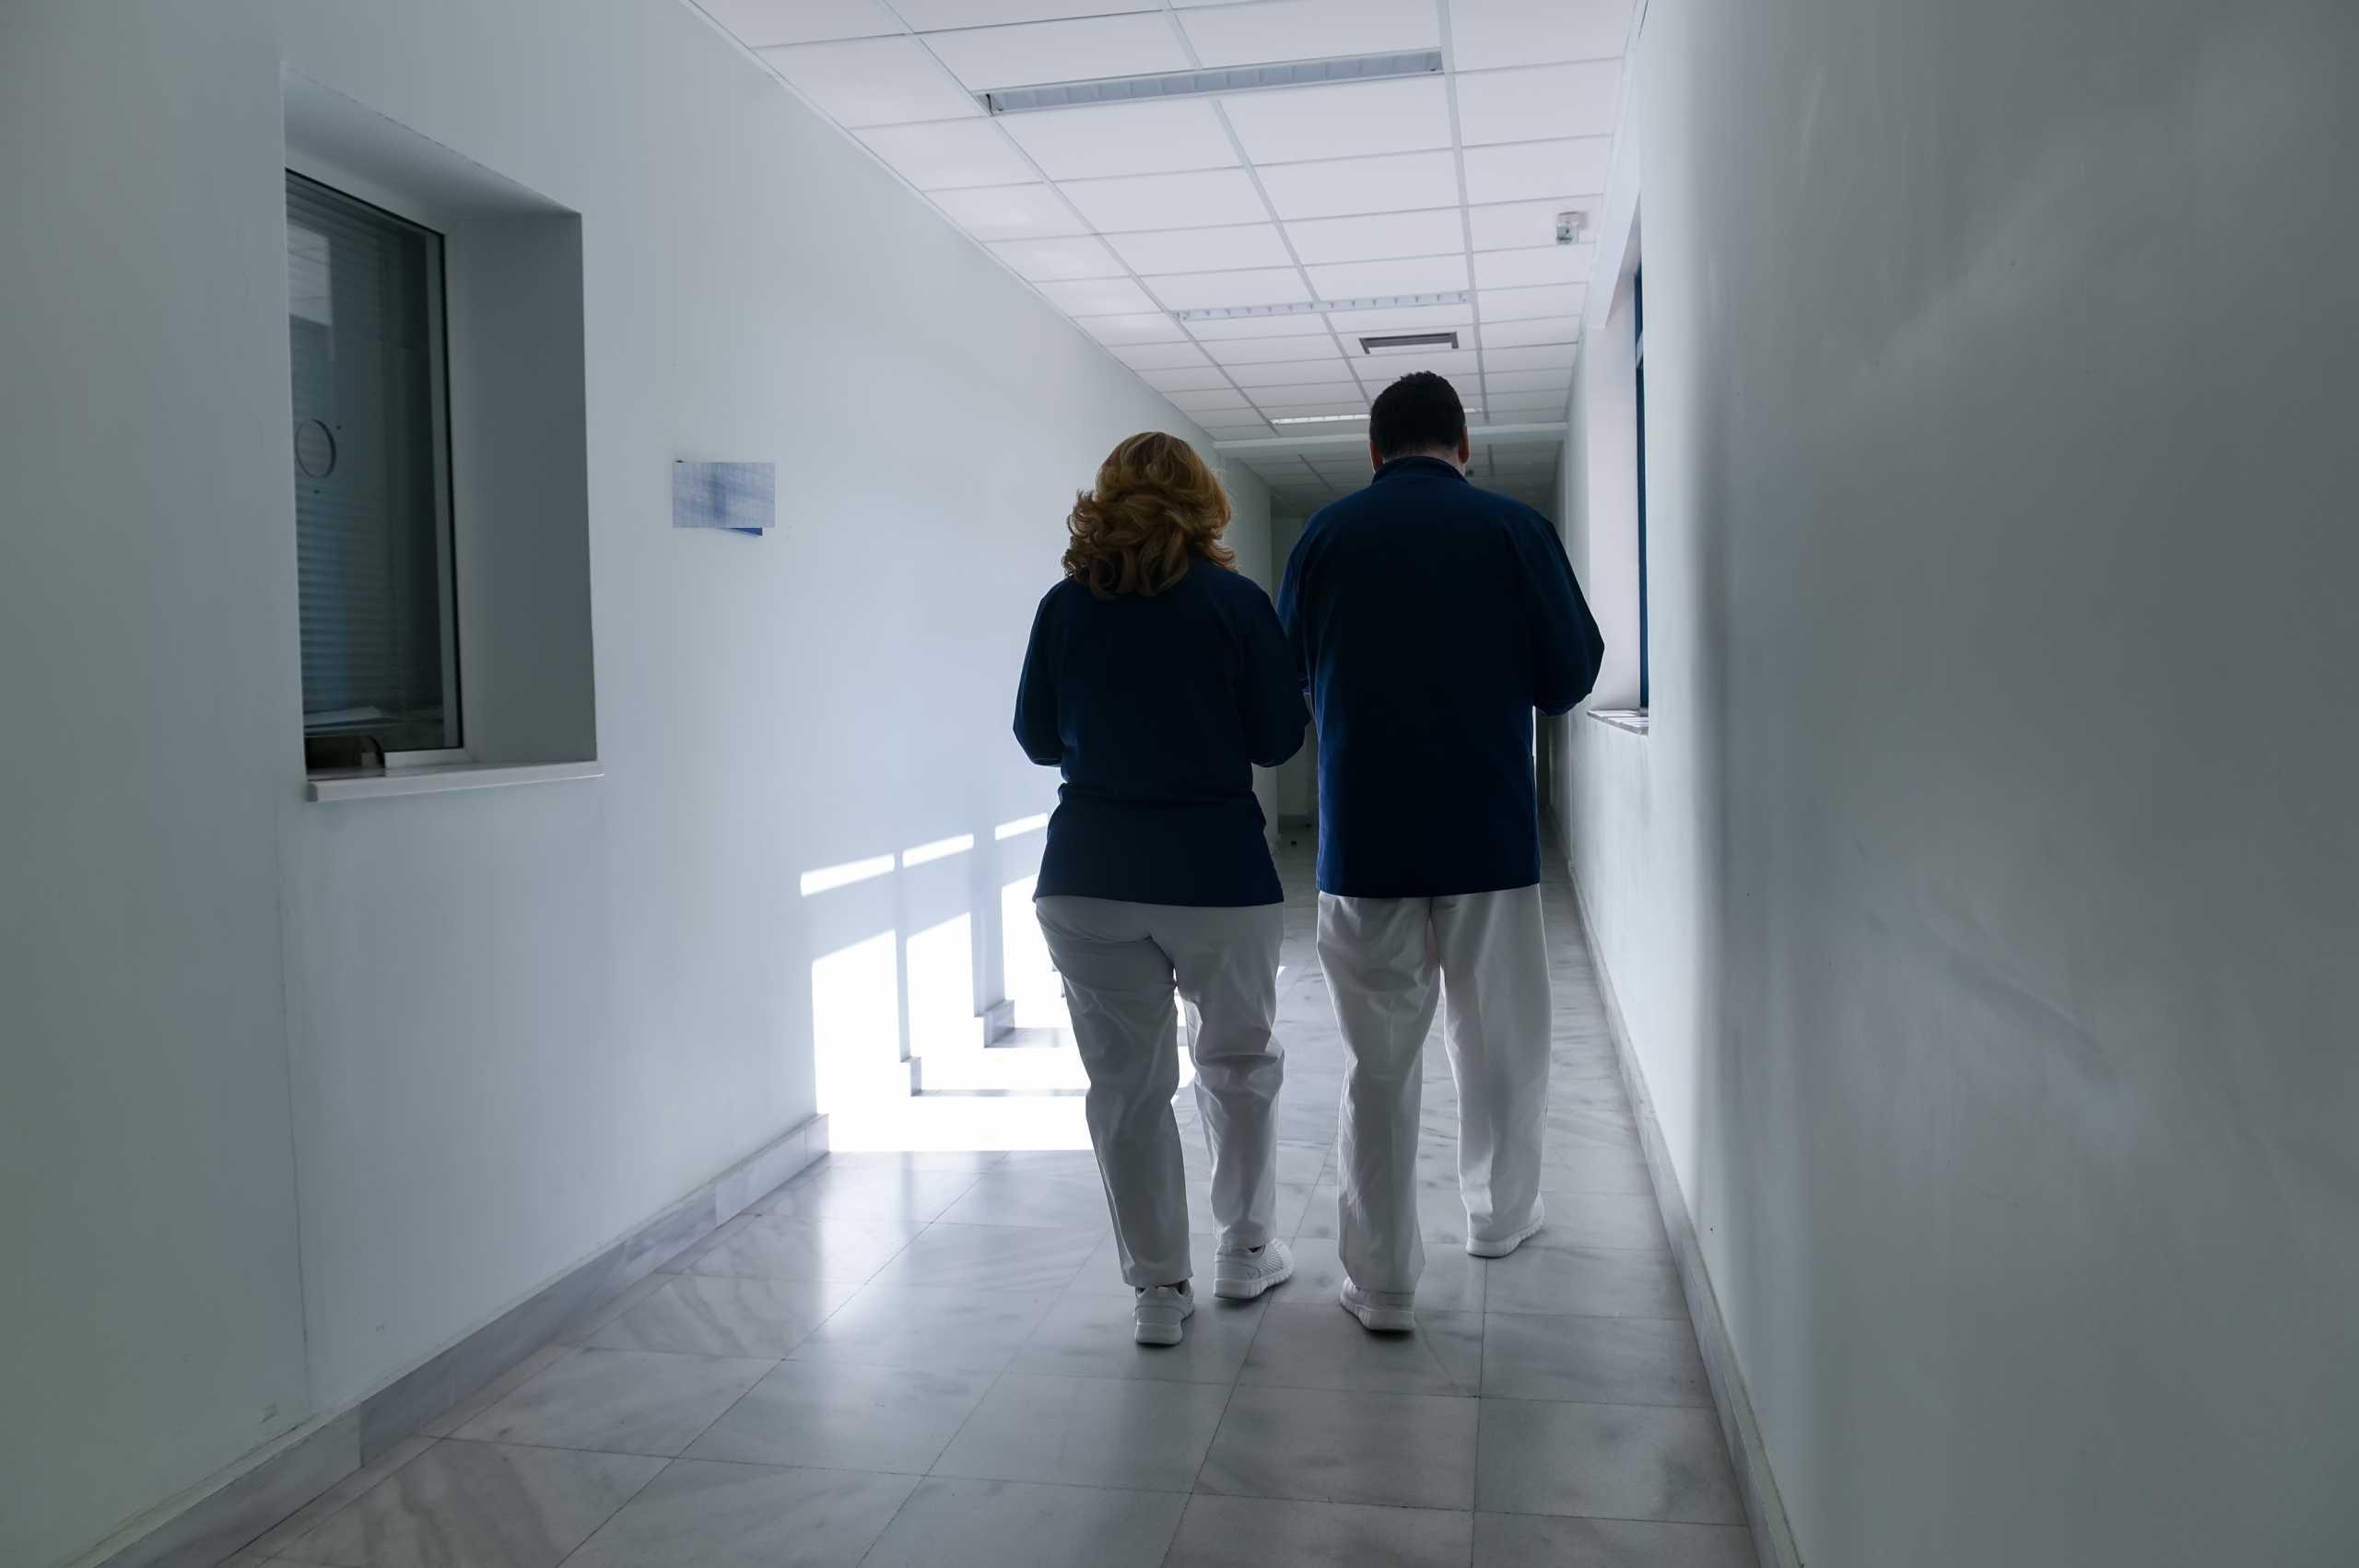 Καθηγητής πνευμονολογίας: Στους 50 που νοσηλεύσαμε με κορονοϊό οι 49 ήταν ανεμβολίαστοι